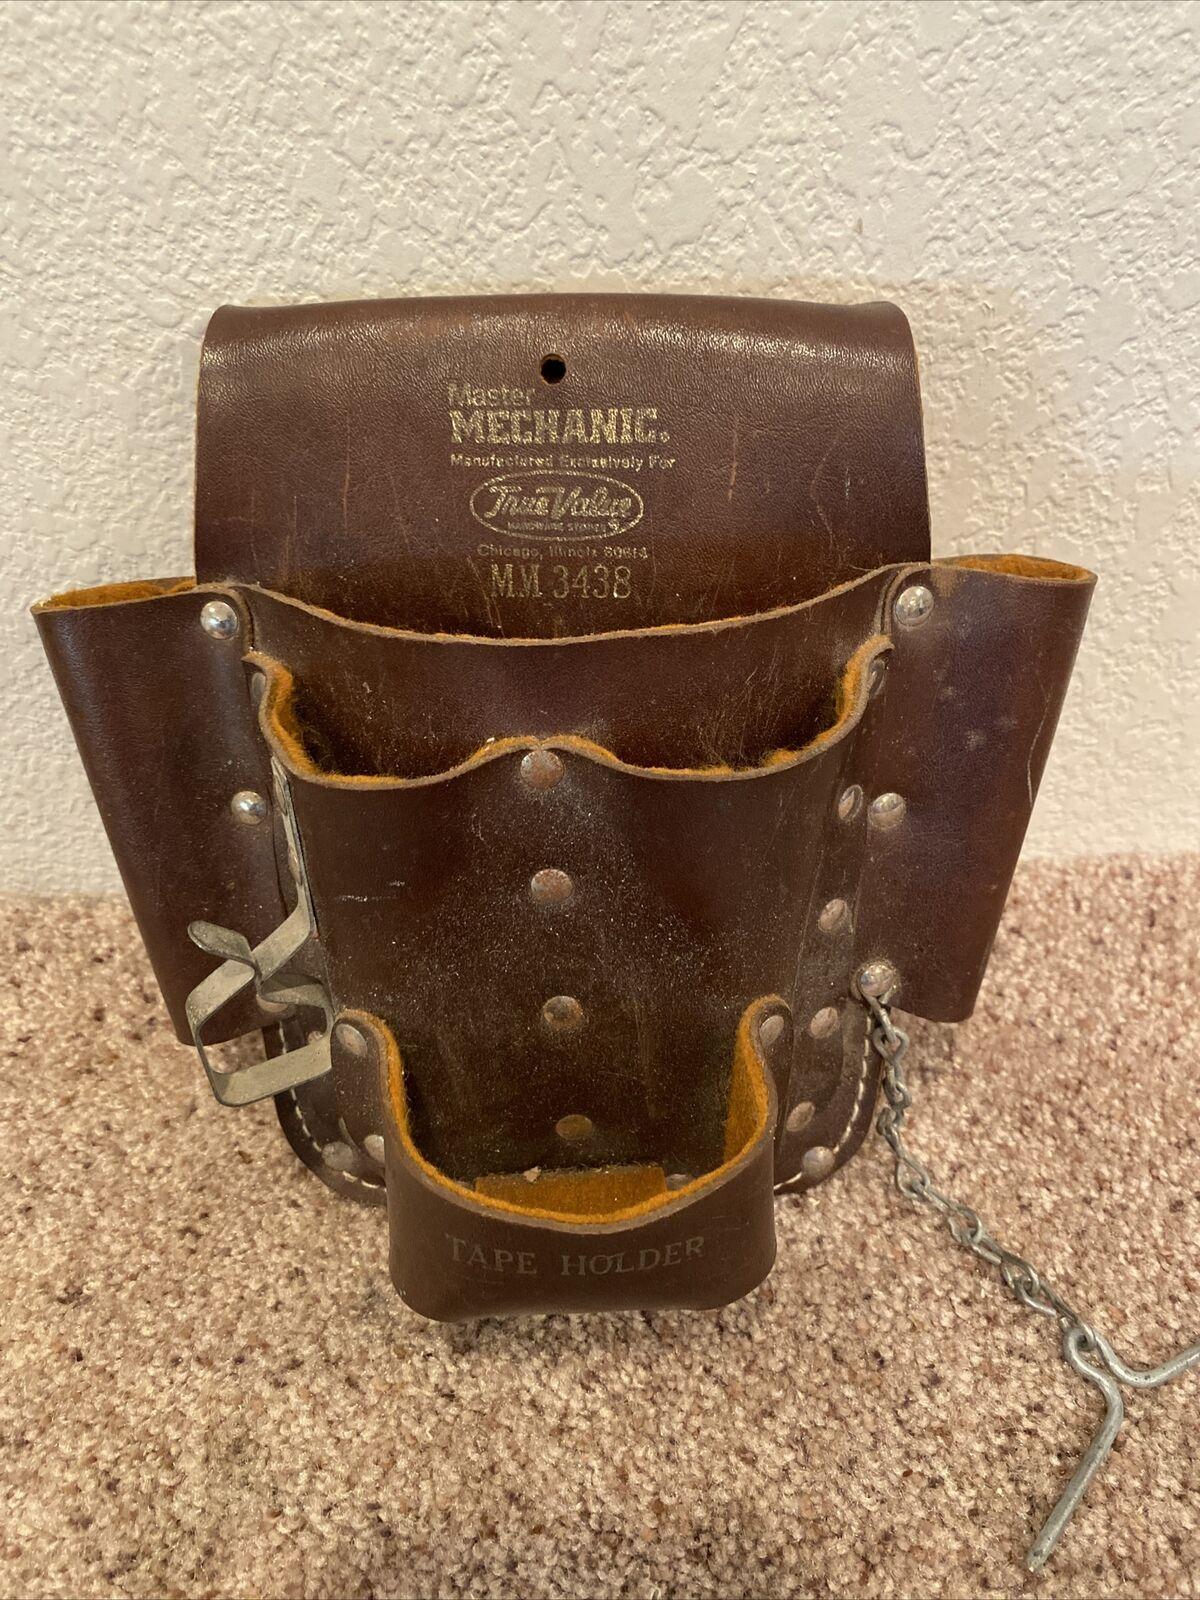 master mechanic Vintage Leather tool bag model MM3438